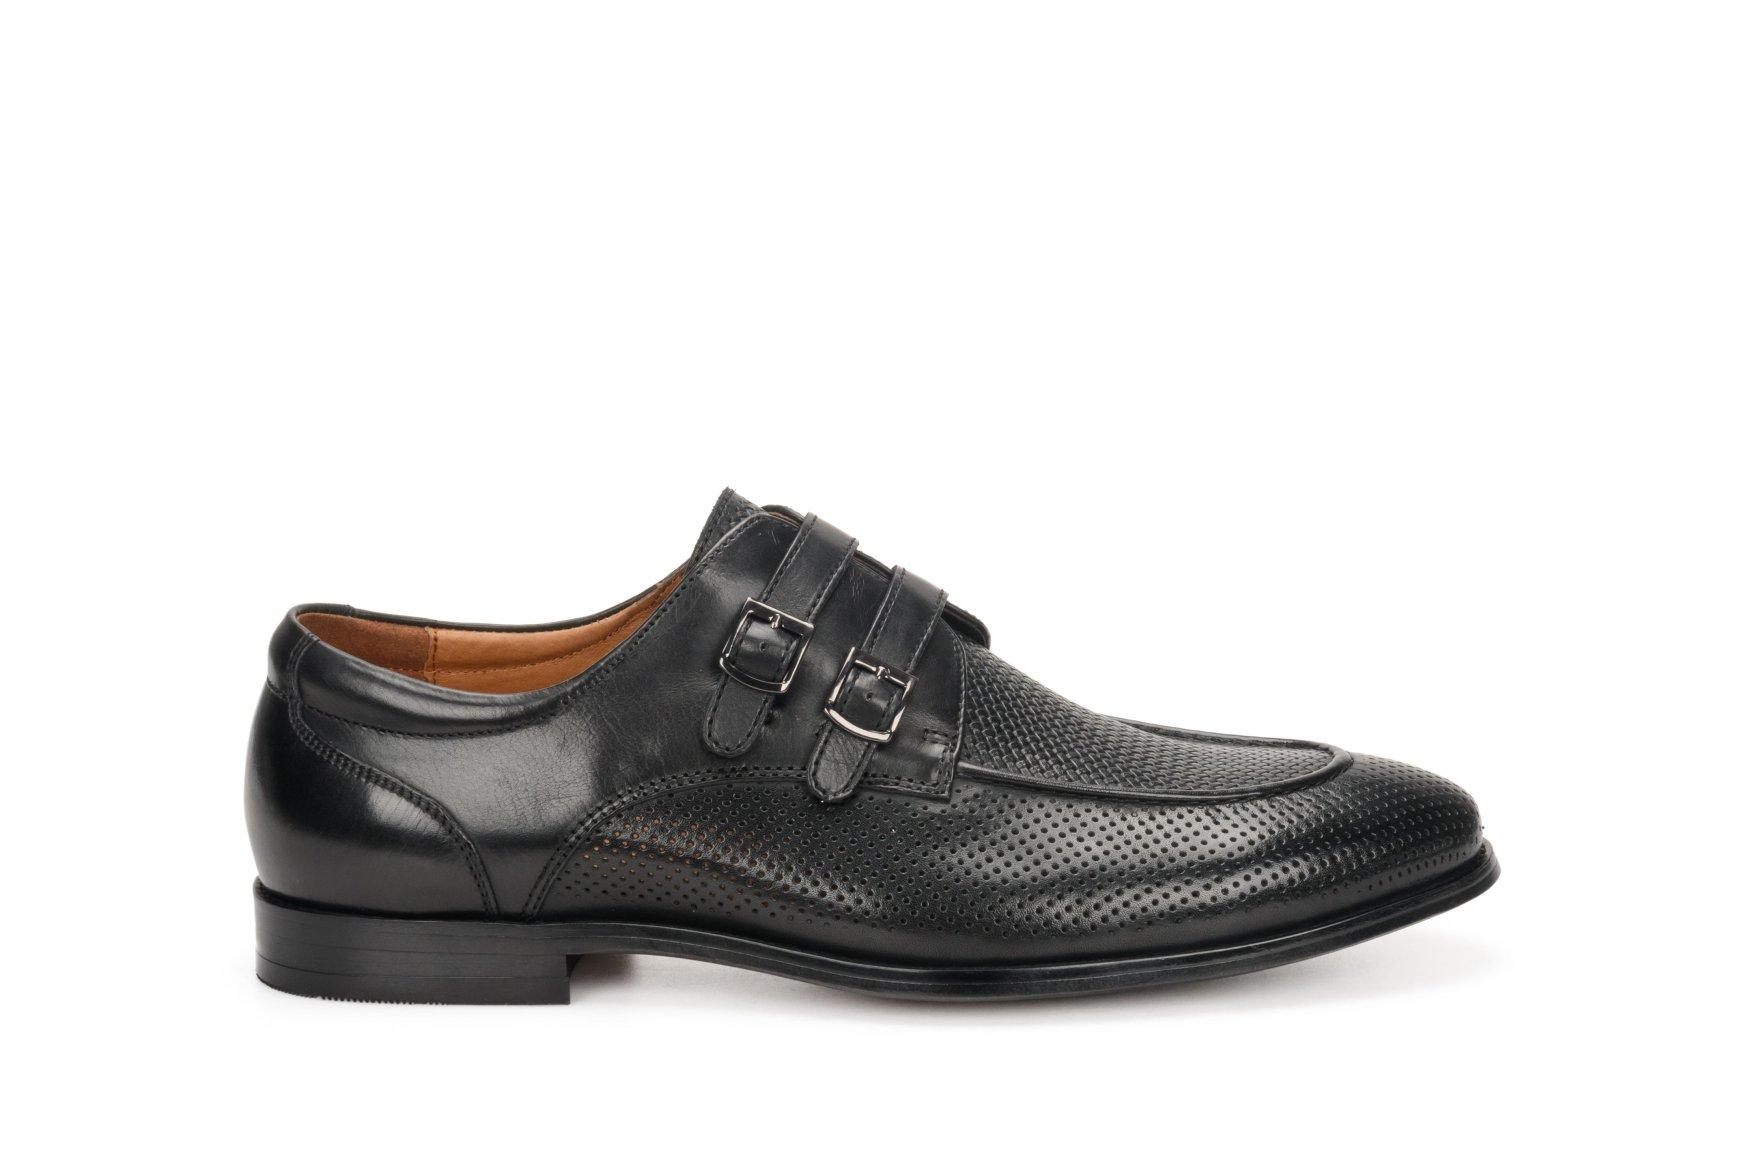 Туфли мужские Estro чёрные ER00107069 • Купить в Украине - Estro